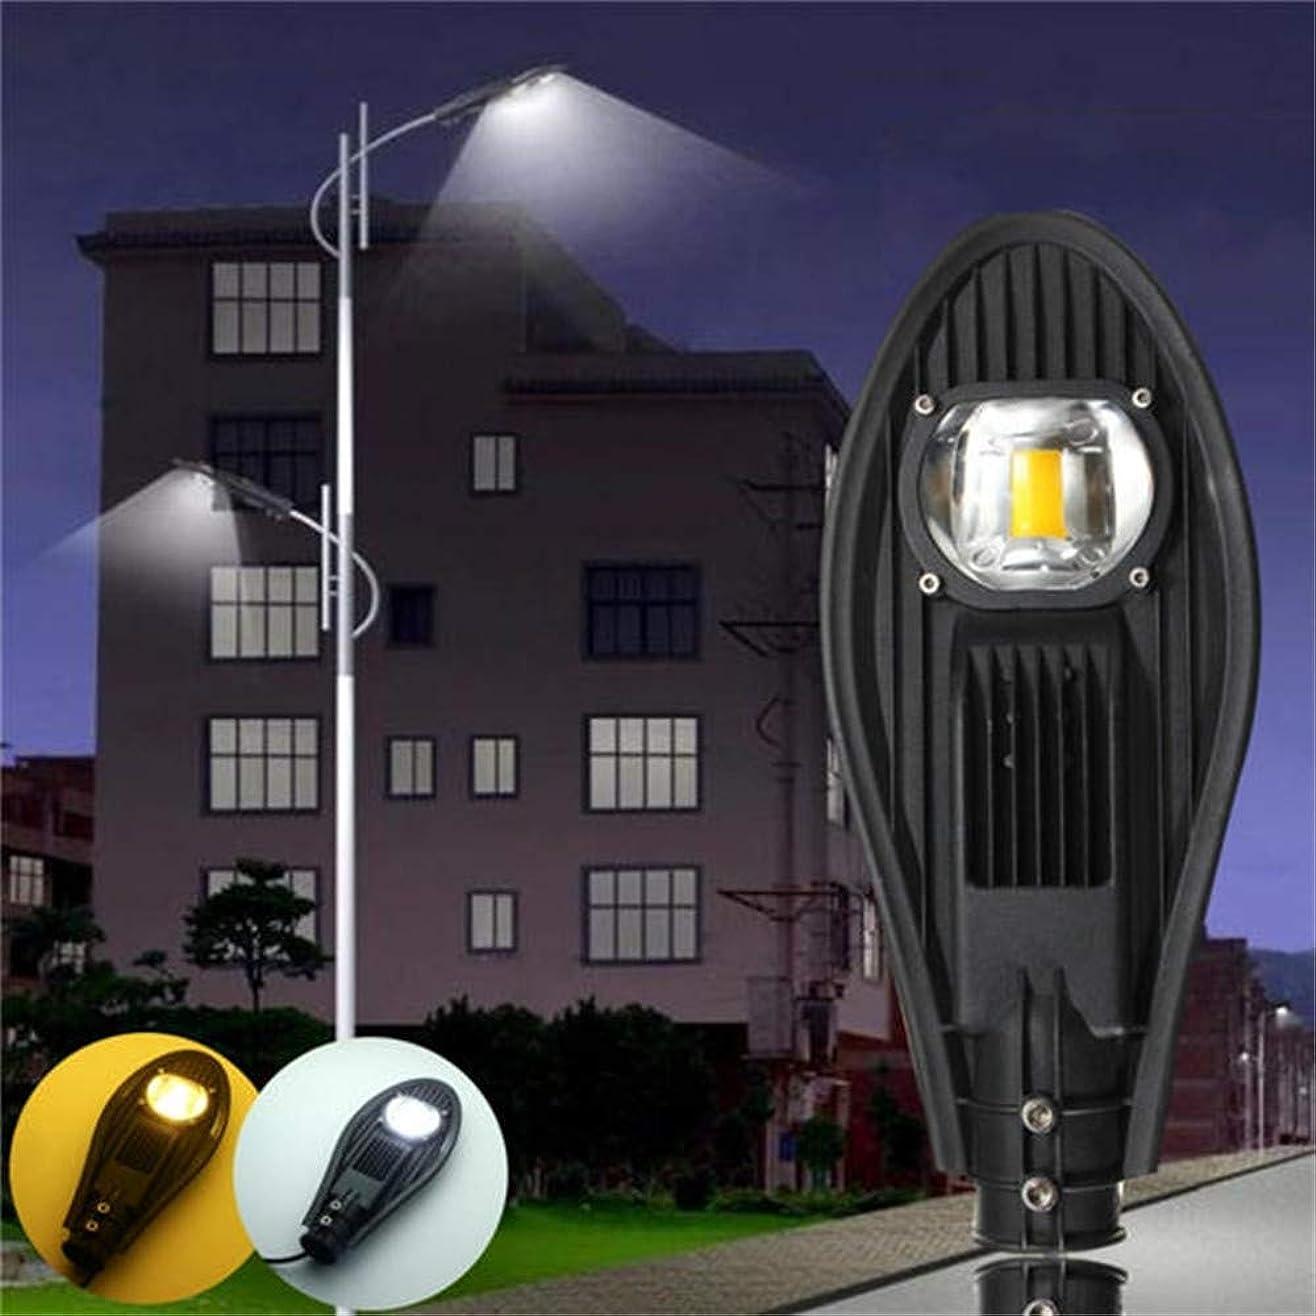 短くするくしゃくしゃ把握人感センサーライト ガーデンライト LEDウォームホワイト/ホワイトロードストリートフラッドライト屋外の歩道ガーデンランプDC12V 玄関先/庭/駐車場/ガーデン等屋内外に適応 (Color : Black, Size : 30W)